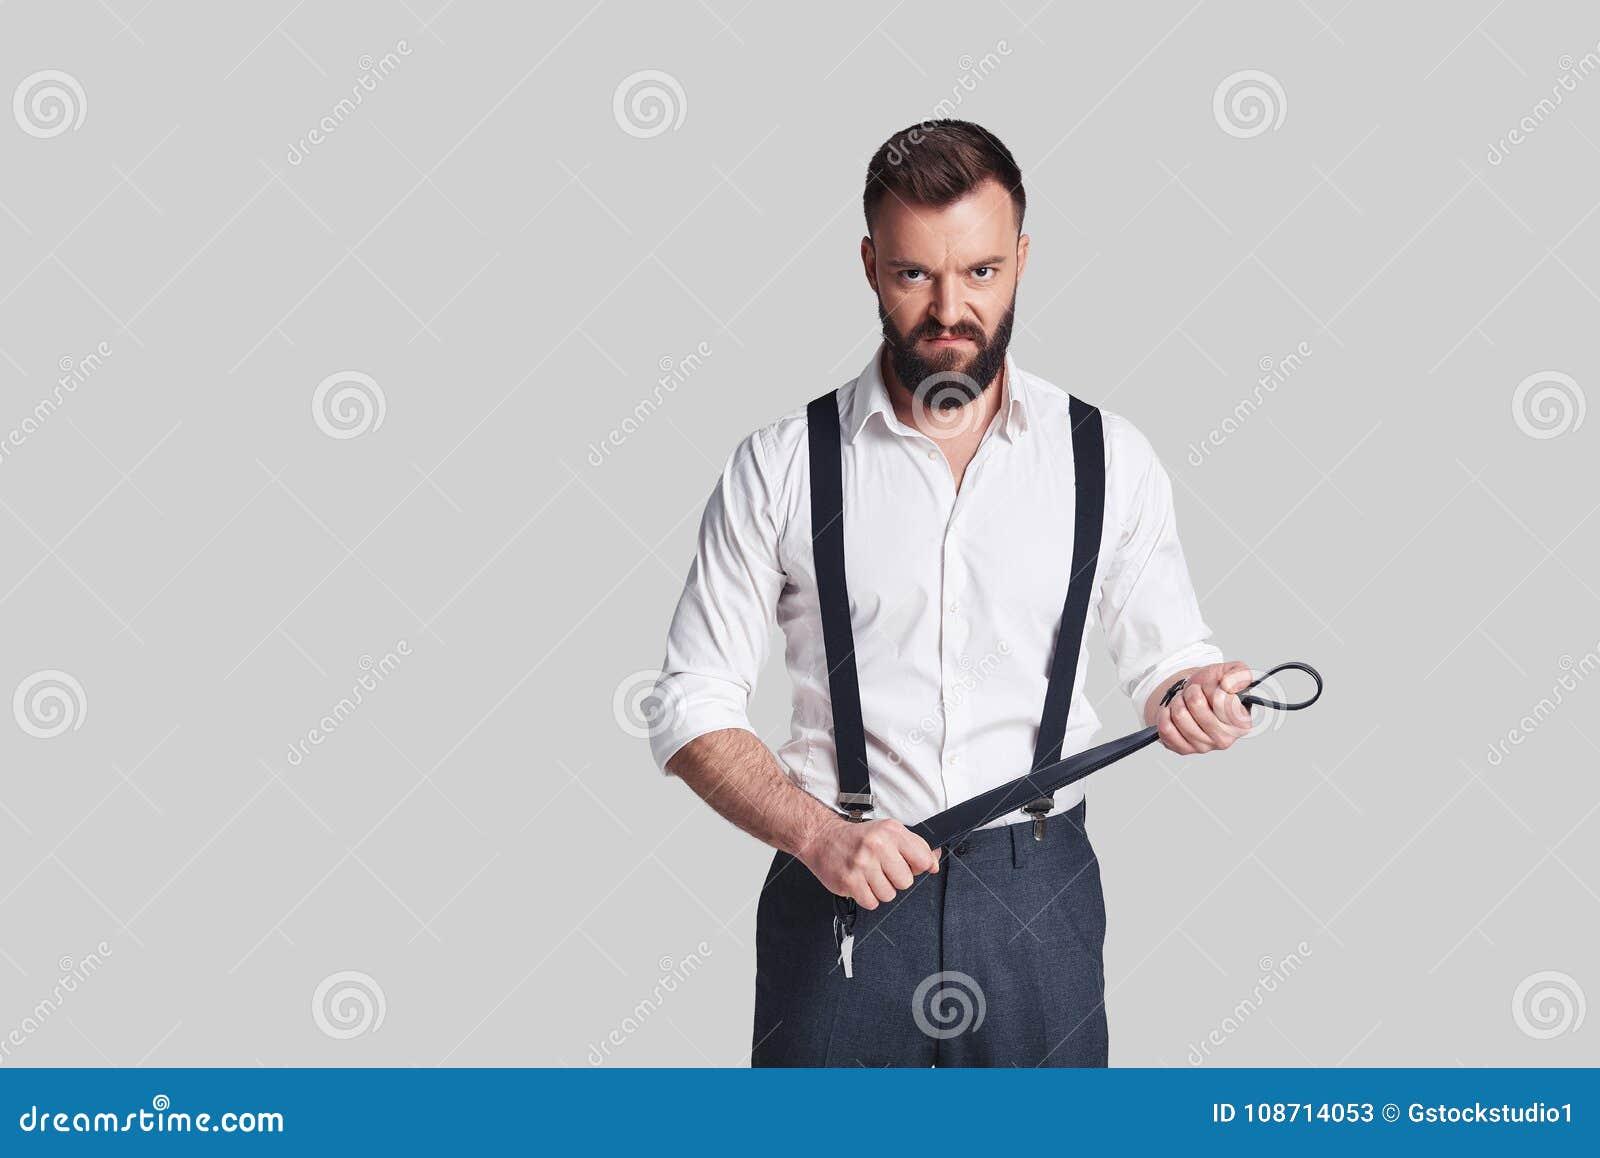 Zo wreed! De boze jonge mens in formalwear dragend een riem en kijkt